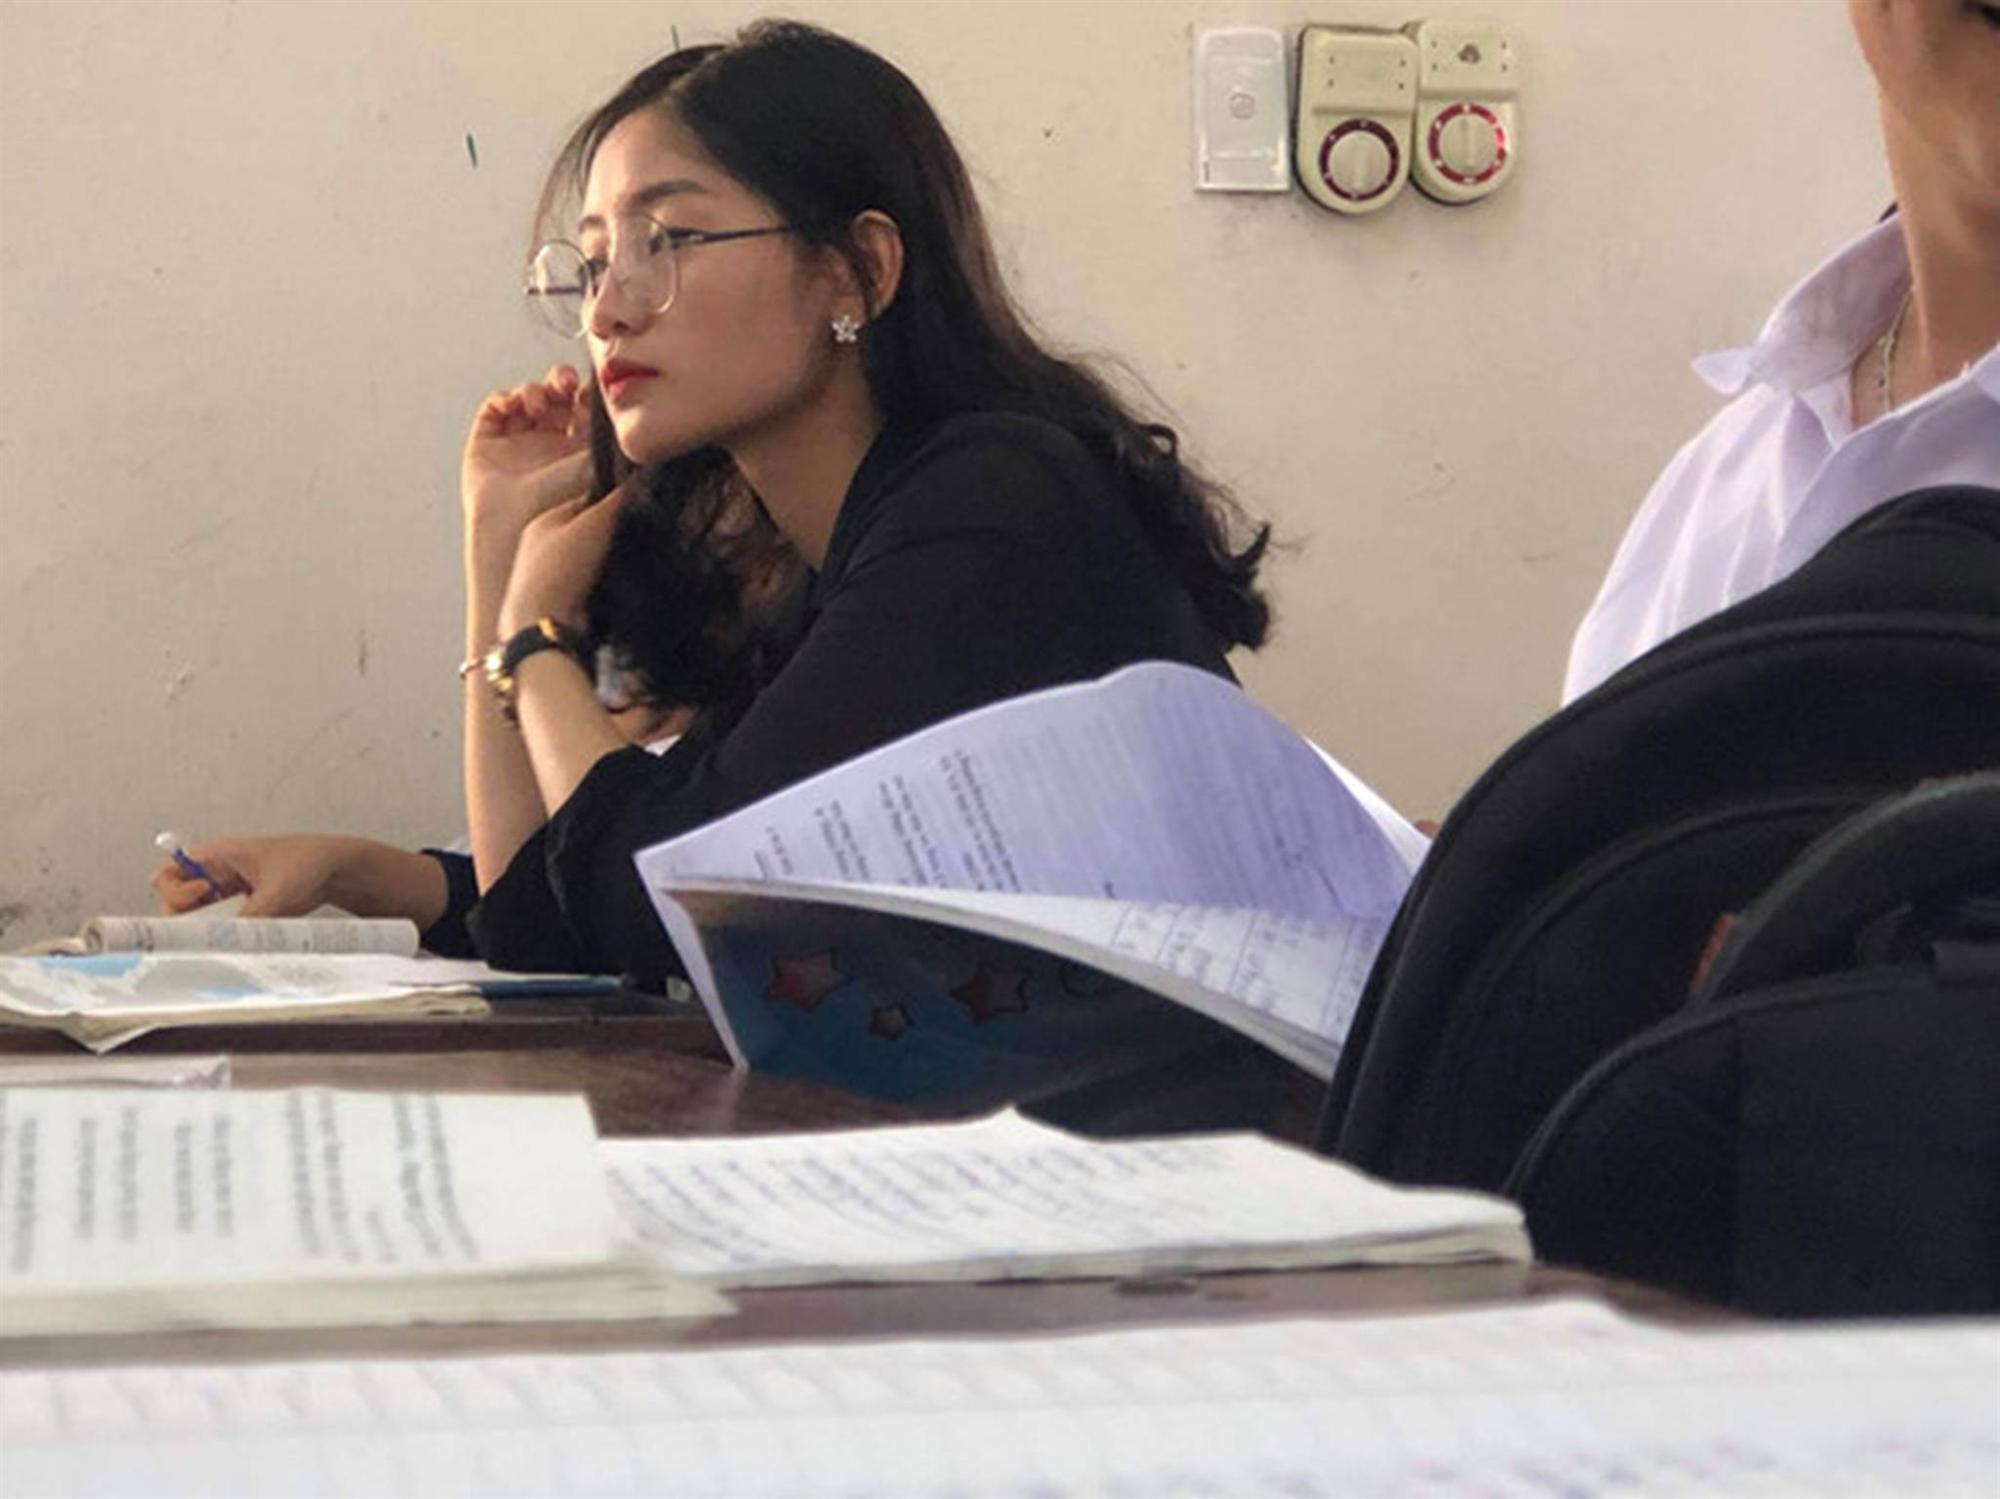 Cô giáo Lịch Sử bị học sinh chụp lén, đăng ảnh lên mạng vì xinh đẹp-1